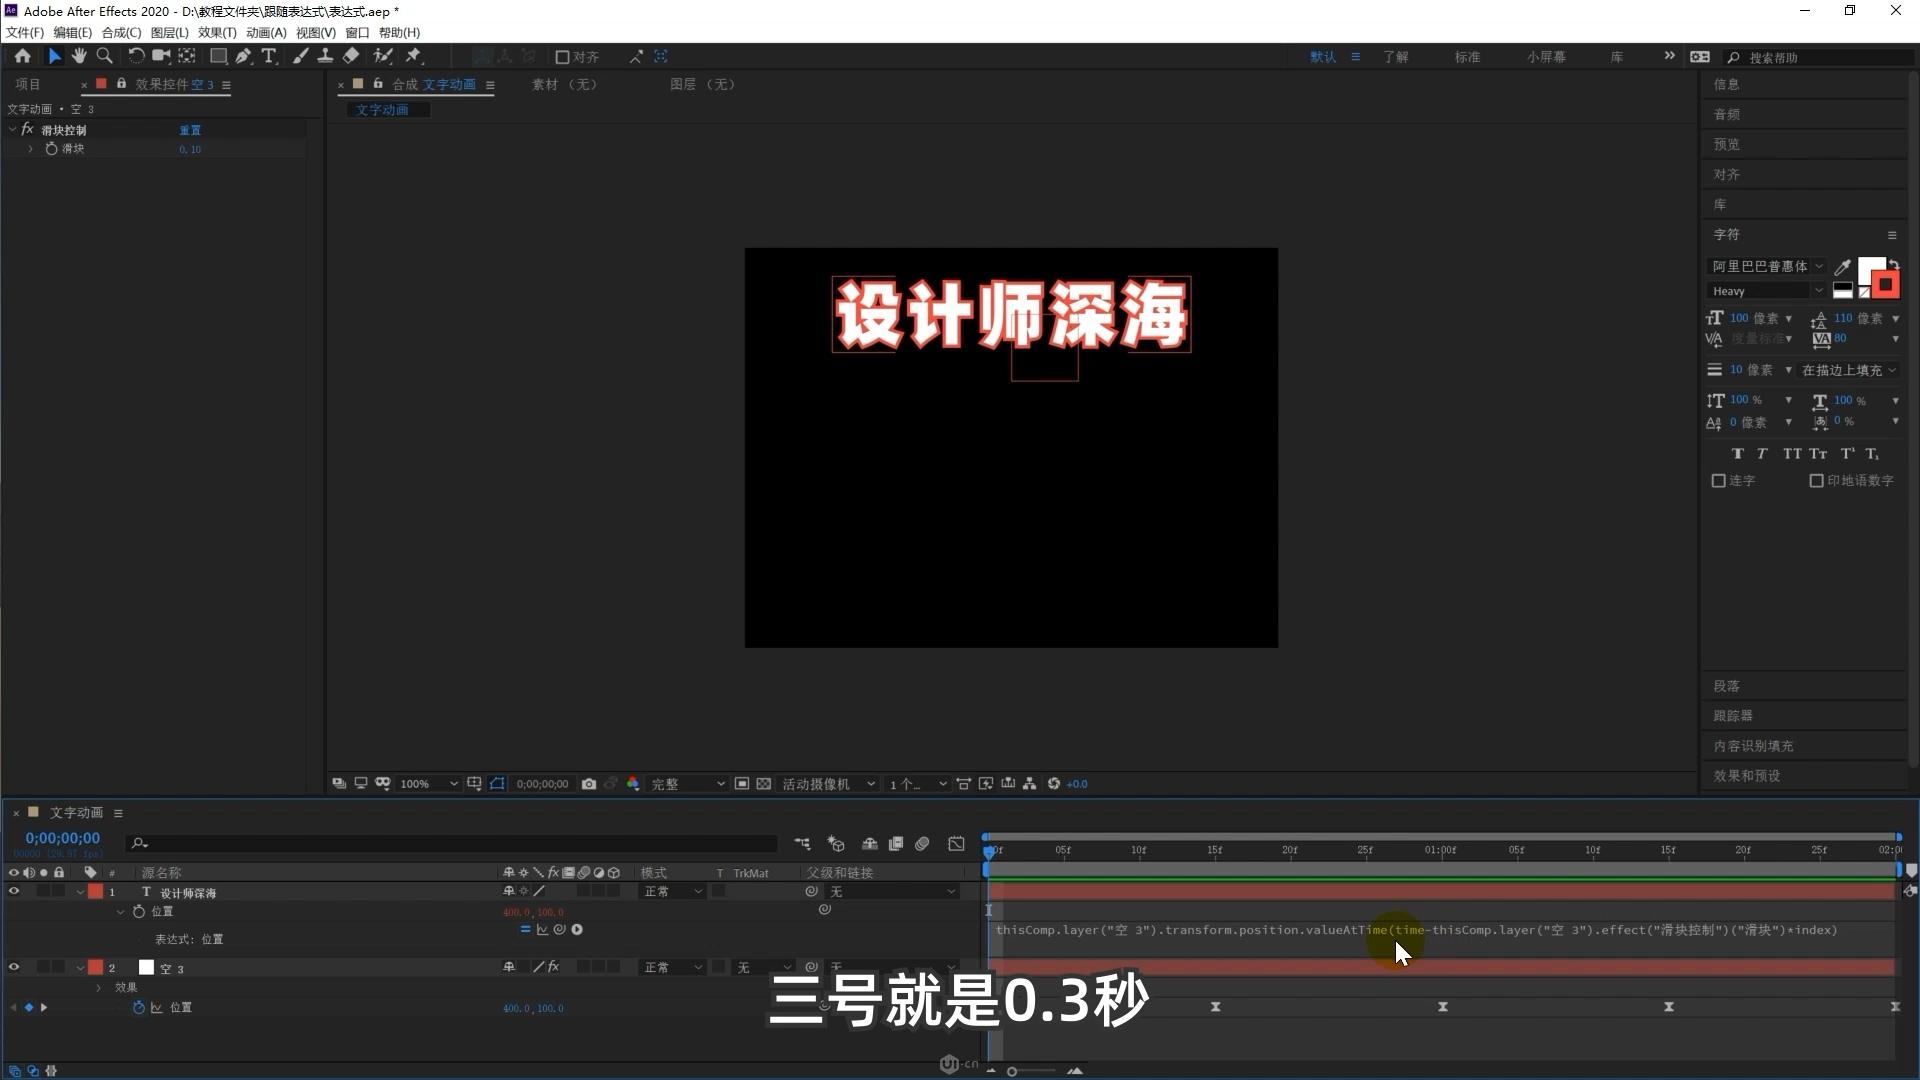 【AE教程】使用AE表达式制作简单的文字效果!-橘子皮